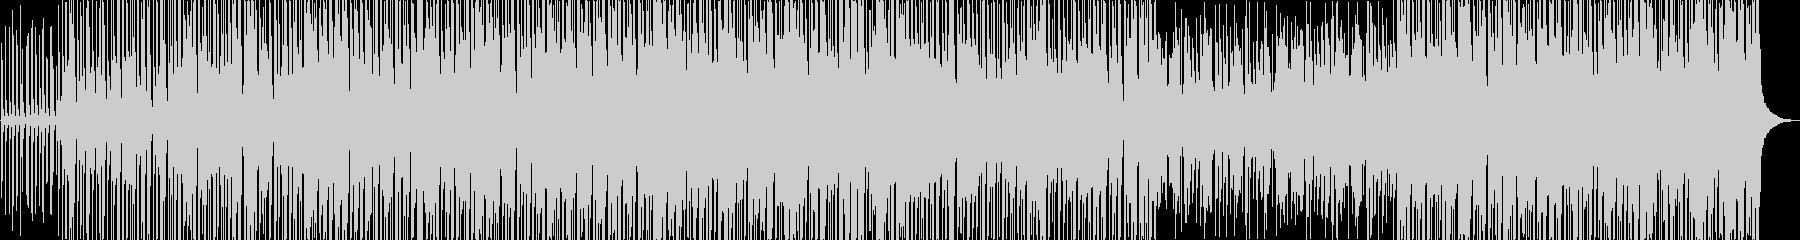 口笛メイン軽快なバンドサウンドの未再生の波形